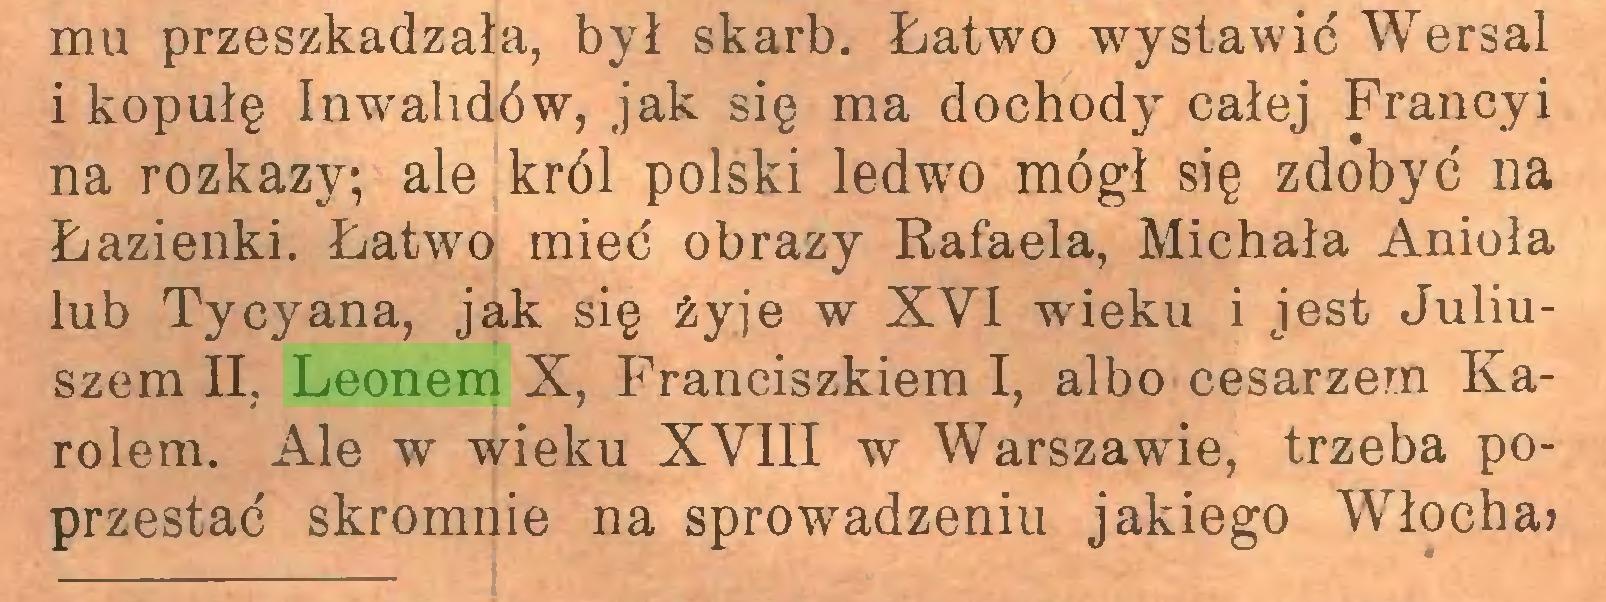 (...) mu przeszkadzała, był skarb. Łatwo wystawić Wersal i kopułę Inwalidów, jak się ma dochody całej Francy i na rozkazy; ale król polski ledwo mógł się zdobyć na Łazienki. Łatwo mieć obrazy Rafaela, Michała Anioła lub Tycyana, jak się żyje w XVI wrieku i jest Juliuszem II, Leonem X, Franciszkiem I, albo cesarzem Karolem. Ale w wieku XVIII w Warszawie, trzeba poprzestać skromnie na sprowadzeniu jakiego Włocha?...